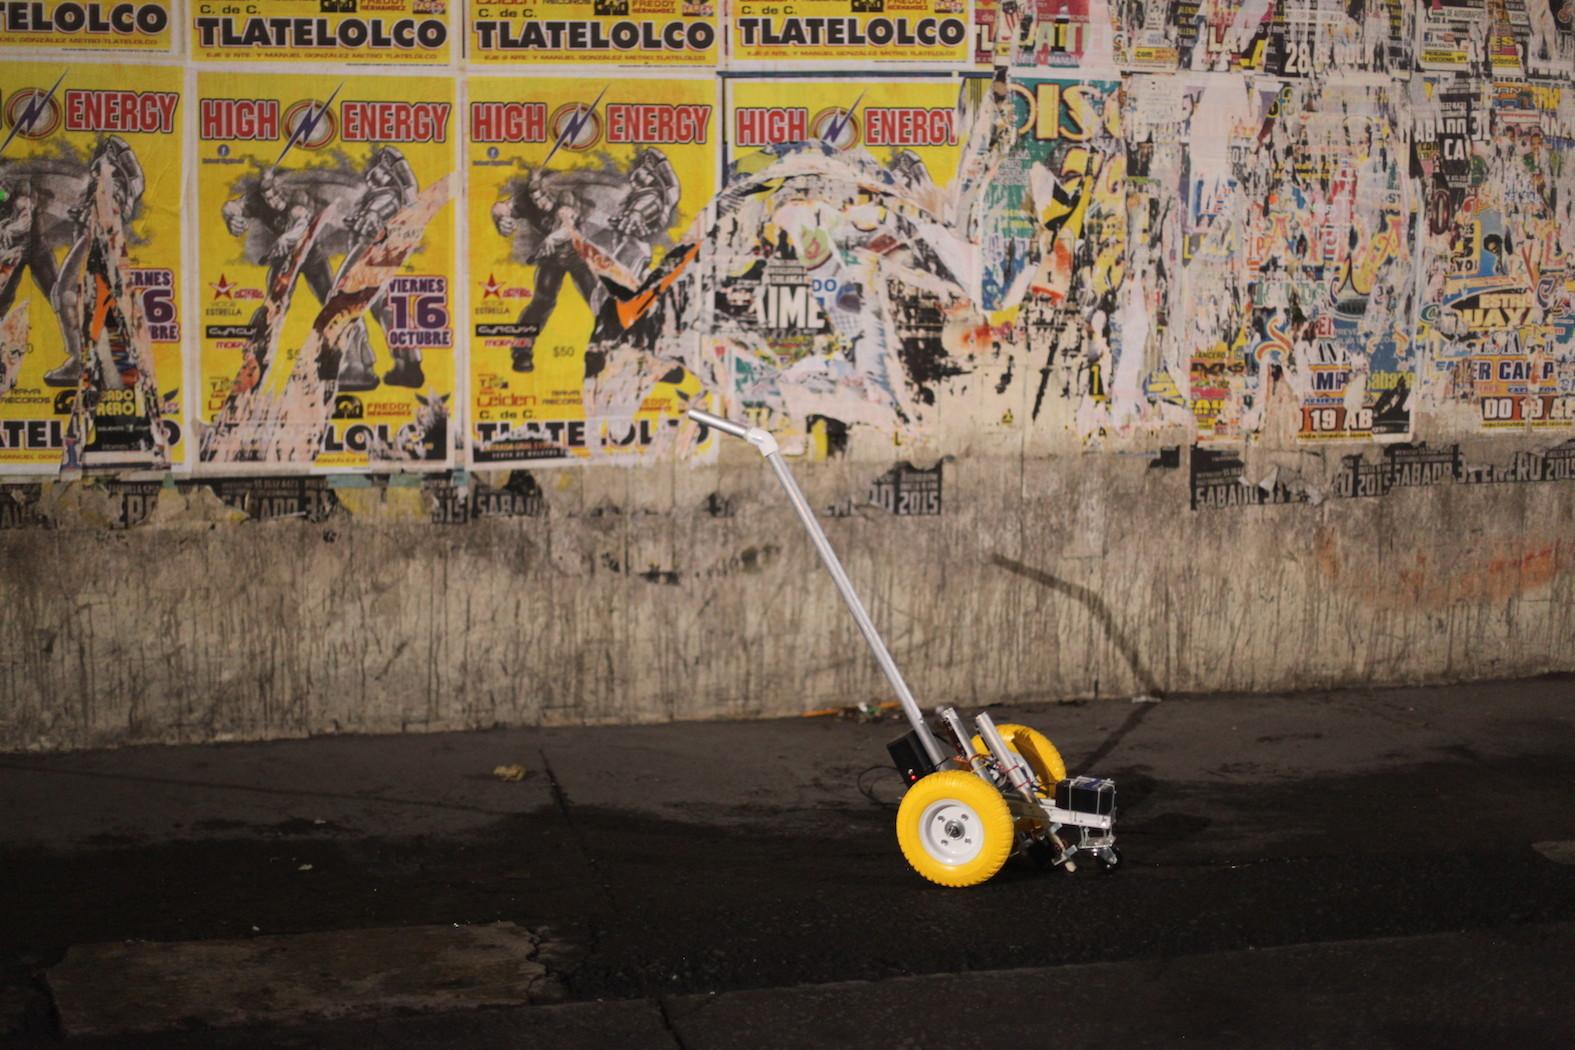 Cociclo, by Alexander Castonguay